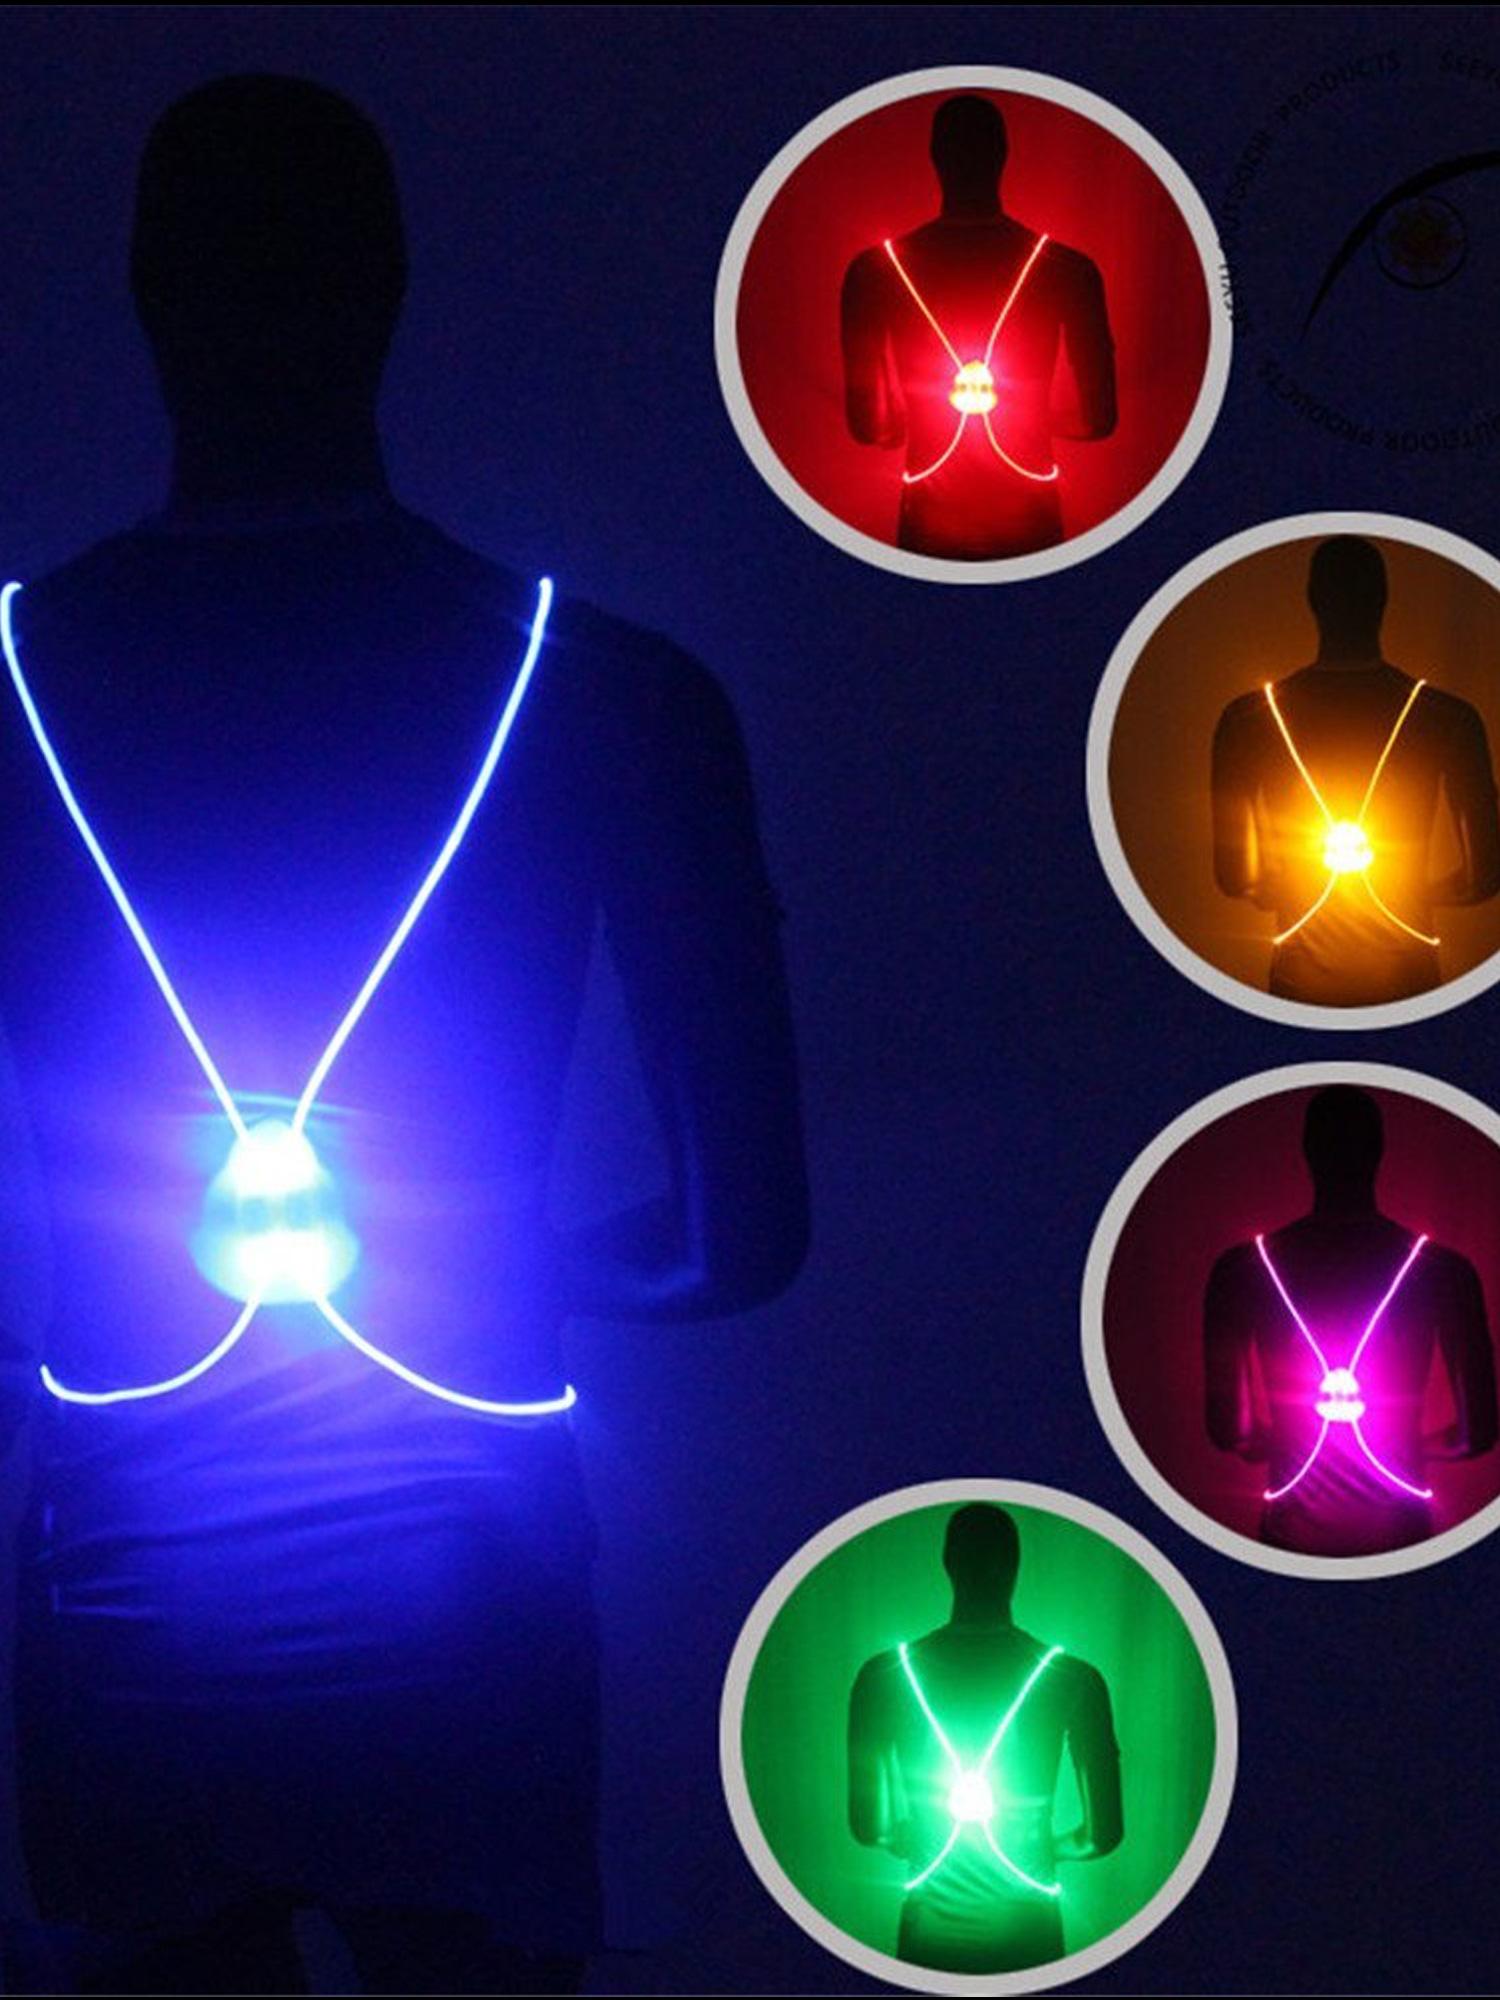 Body Lights - $15.99